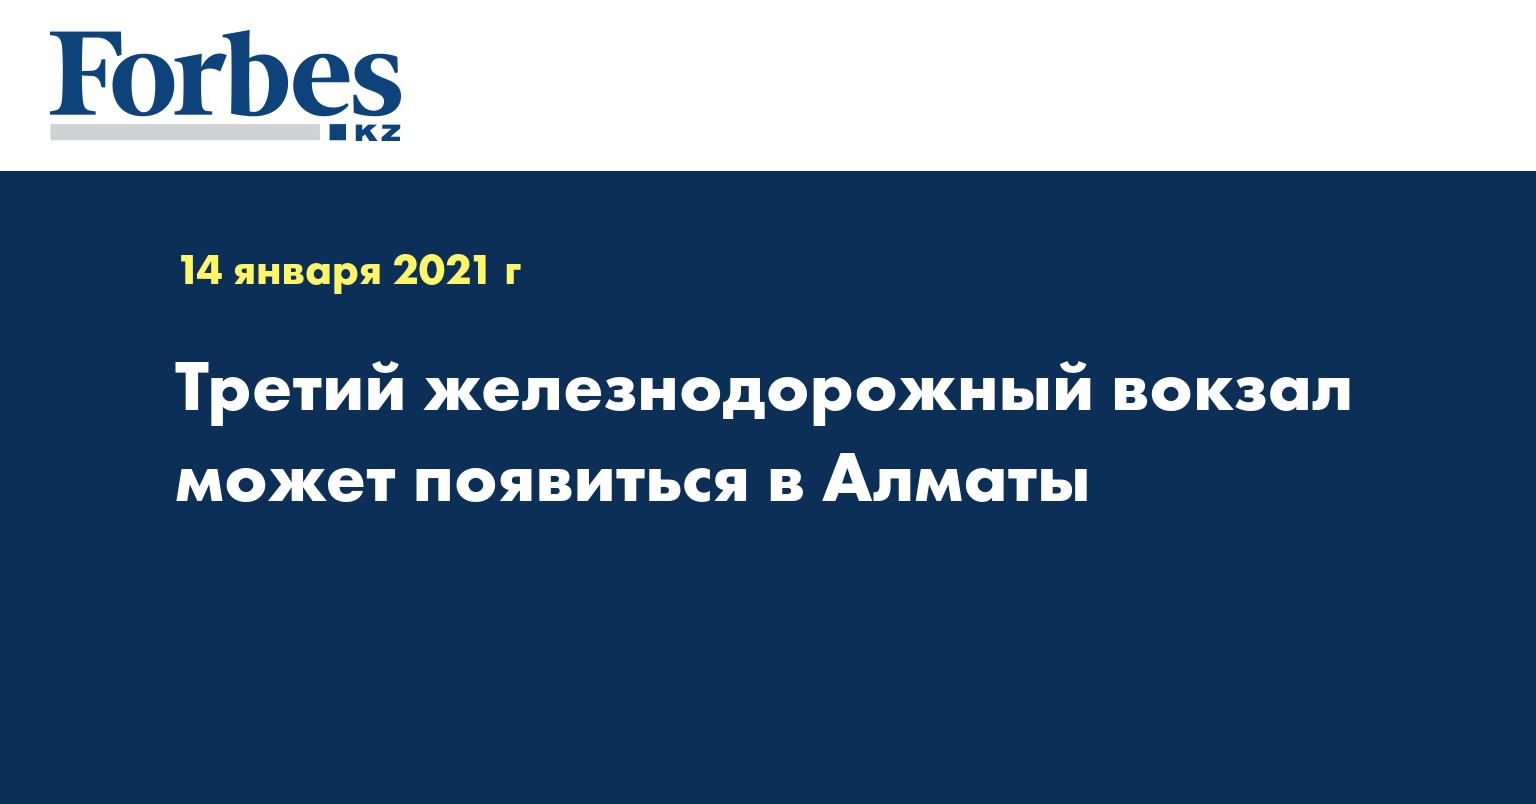 Третий железнодорожный вокзал может появиться в Алматы